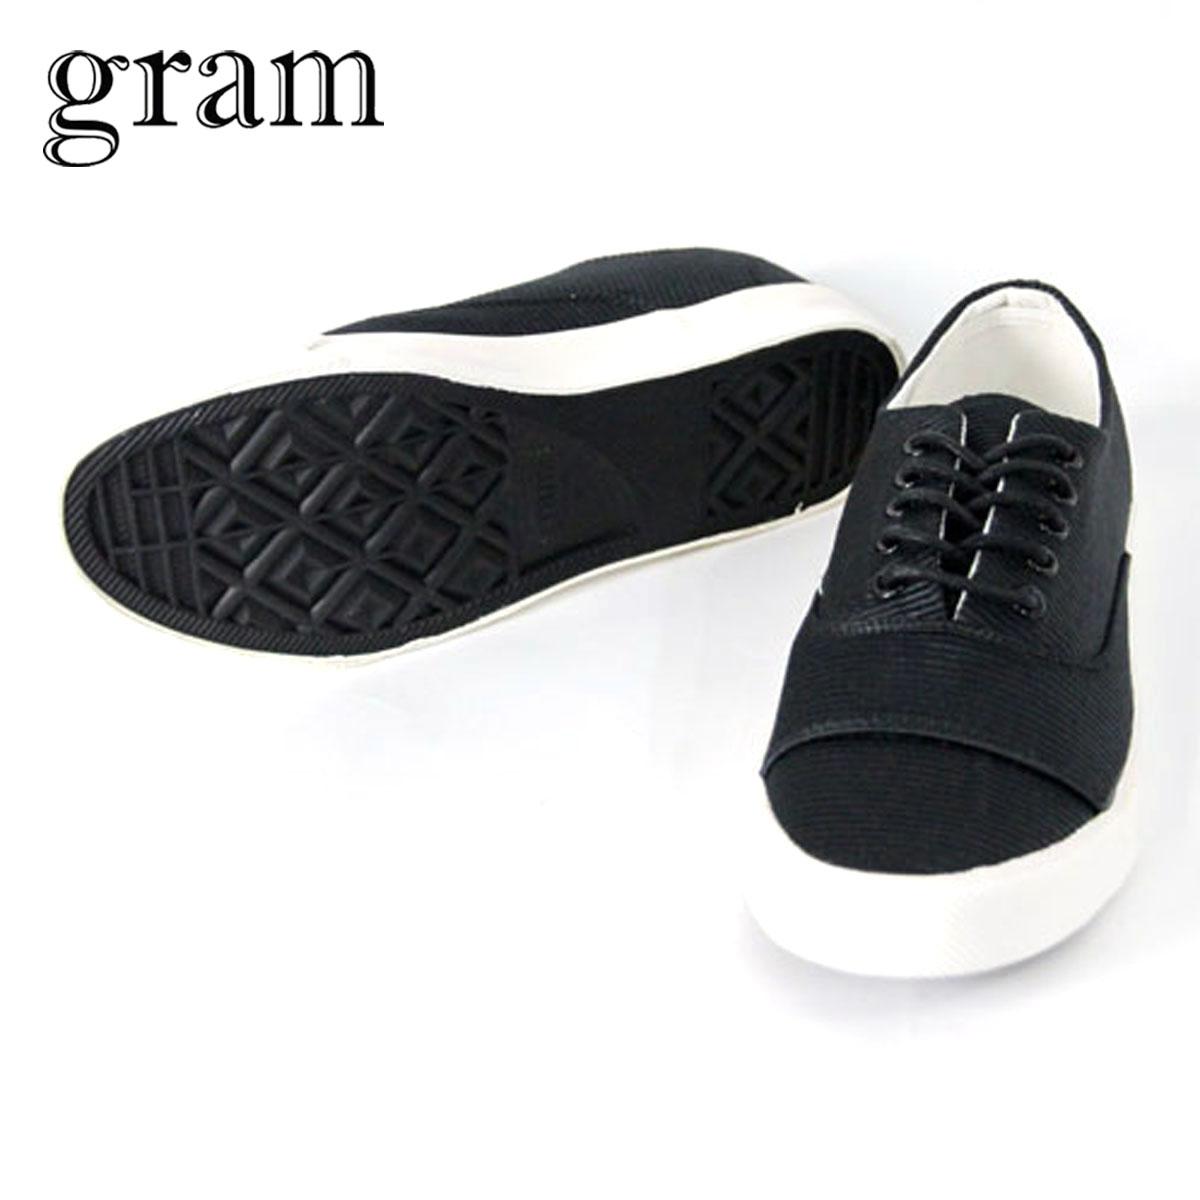 グラム GRAM シューズ スニーカー 352G black stripe nylon G-352-5